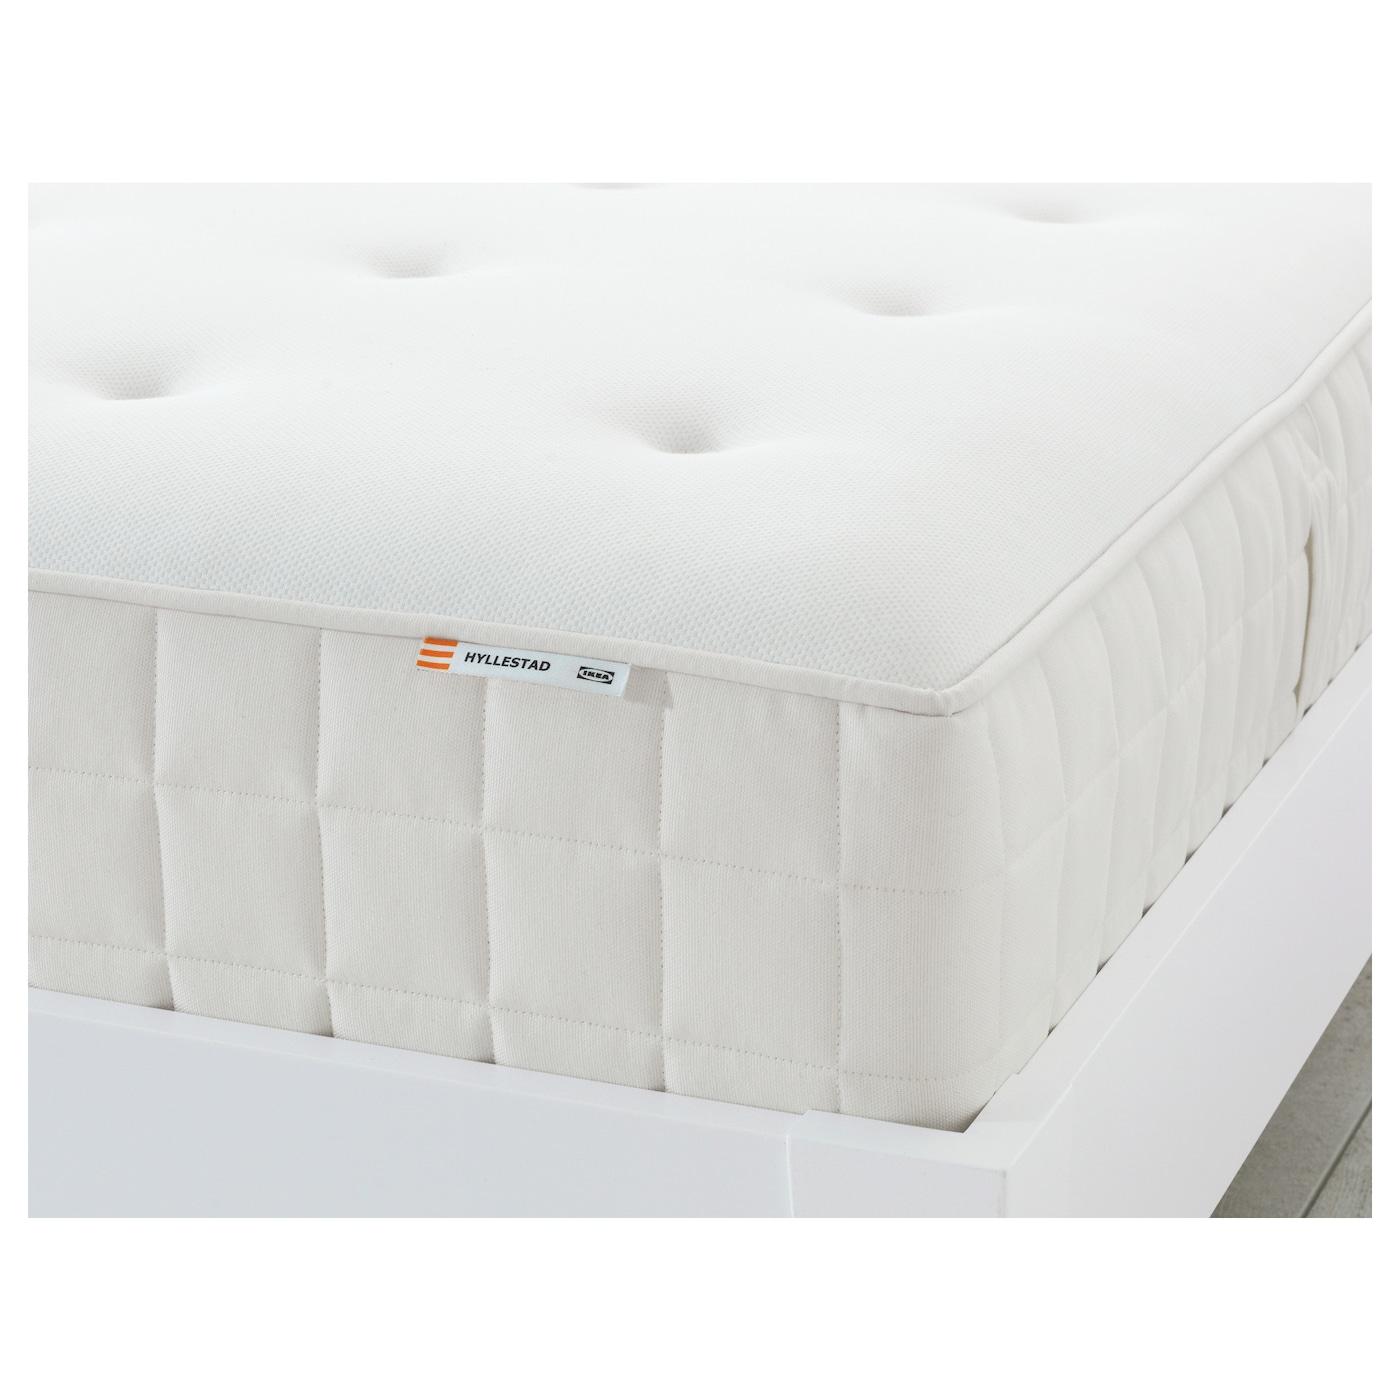 Hyllestad Pocket Sprung Mattress Firm White